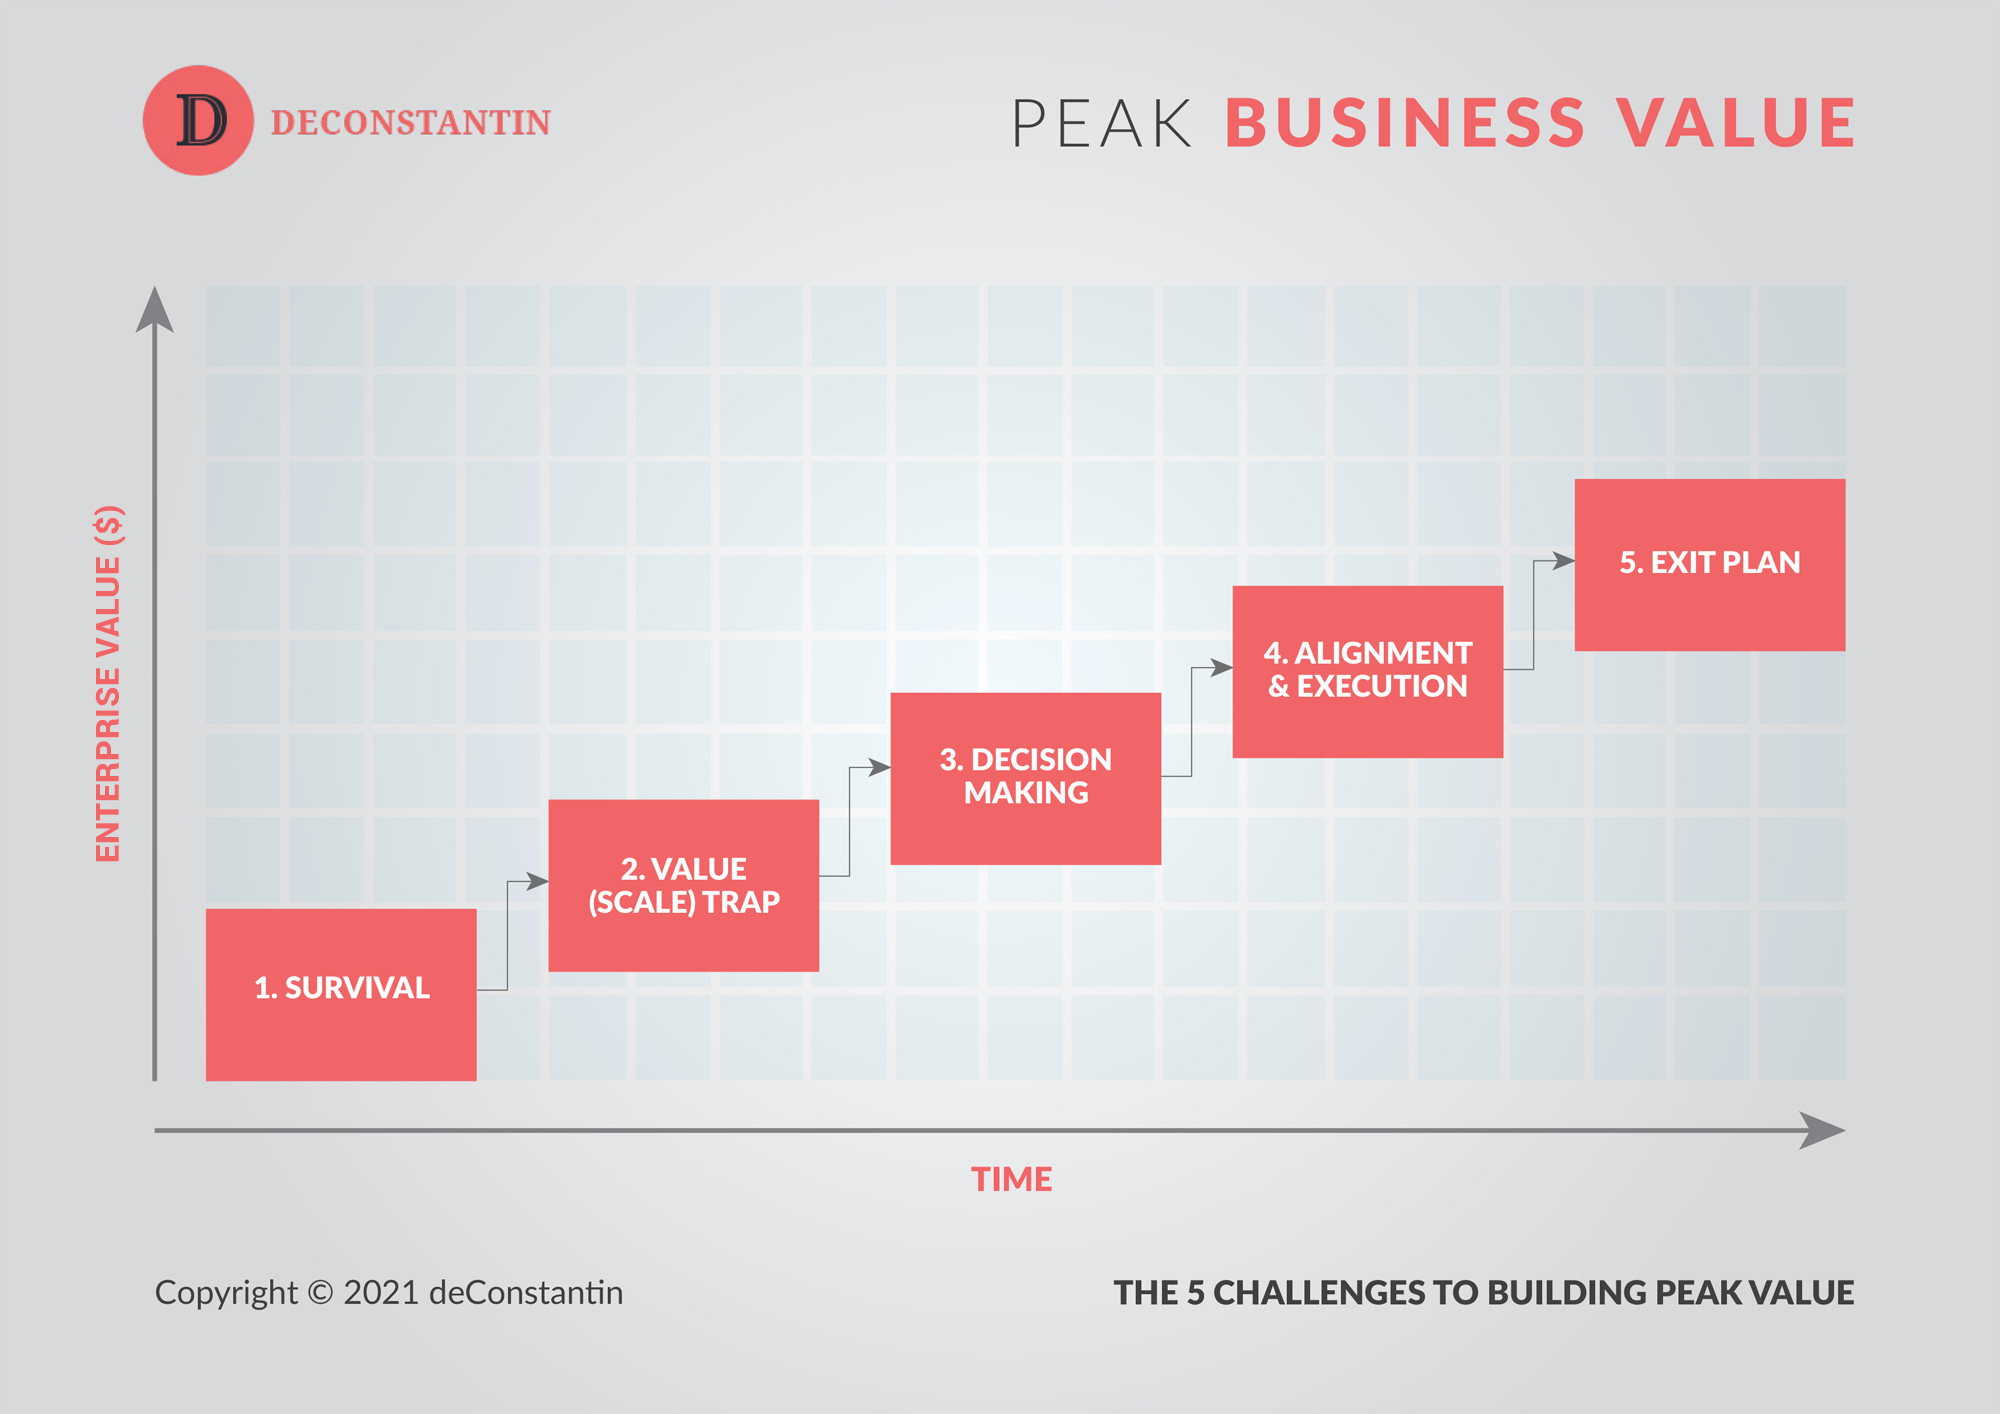 Peak Business Value